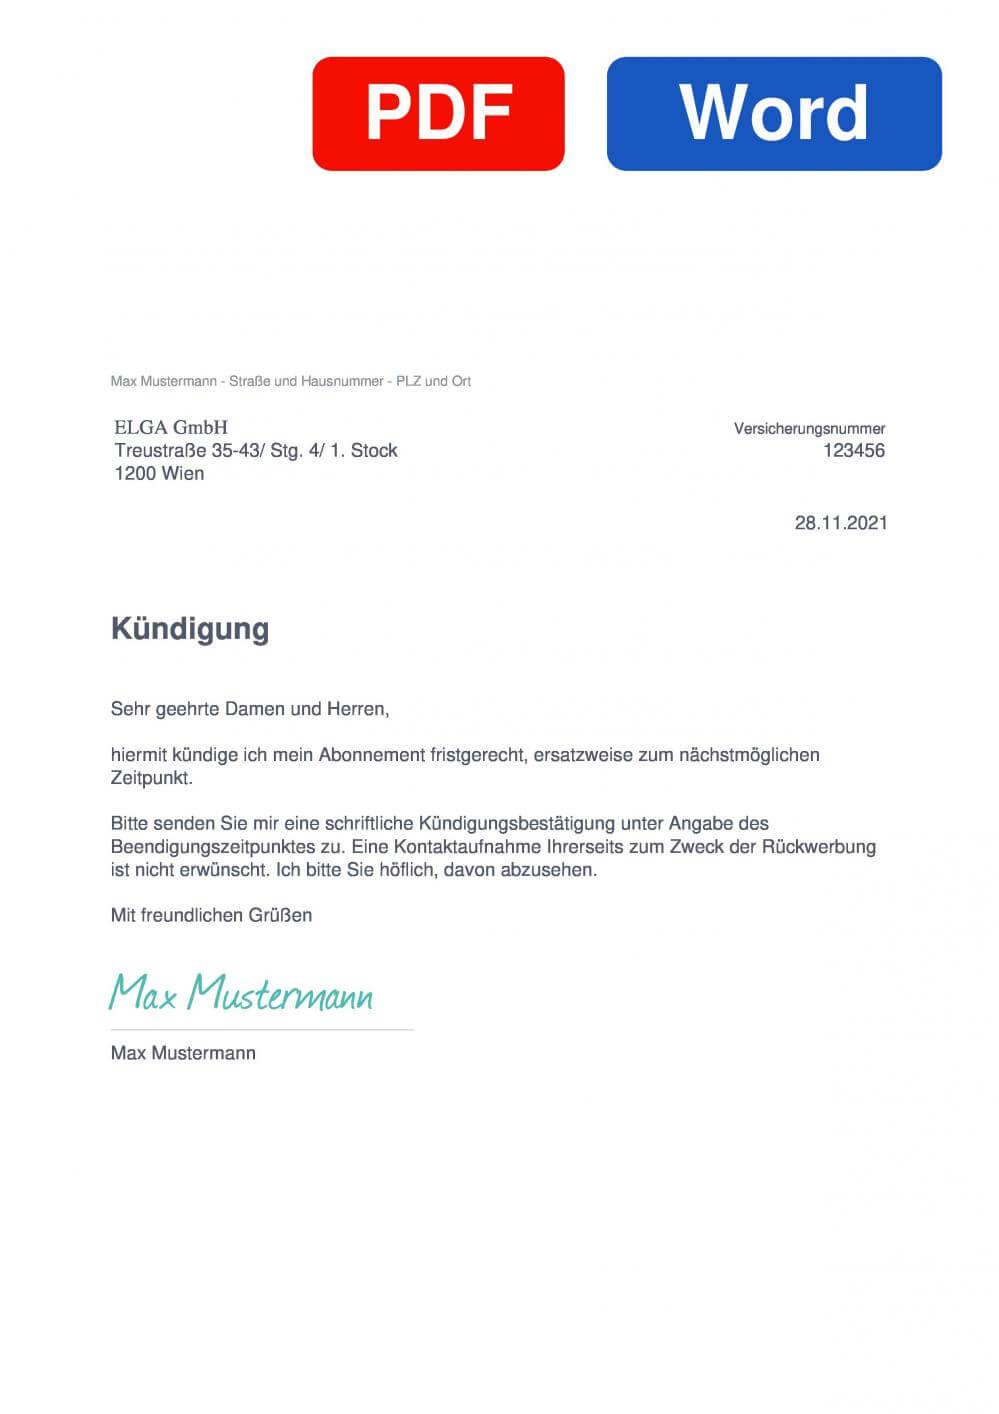 ELGA Muster Vorlage für Kündigungsschreiben